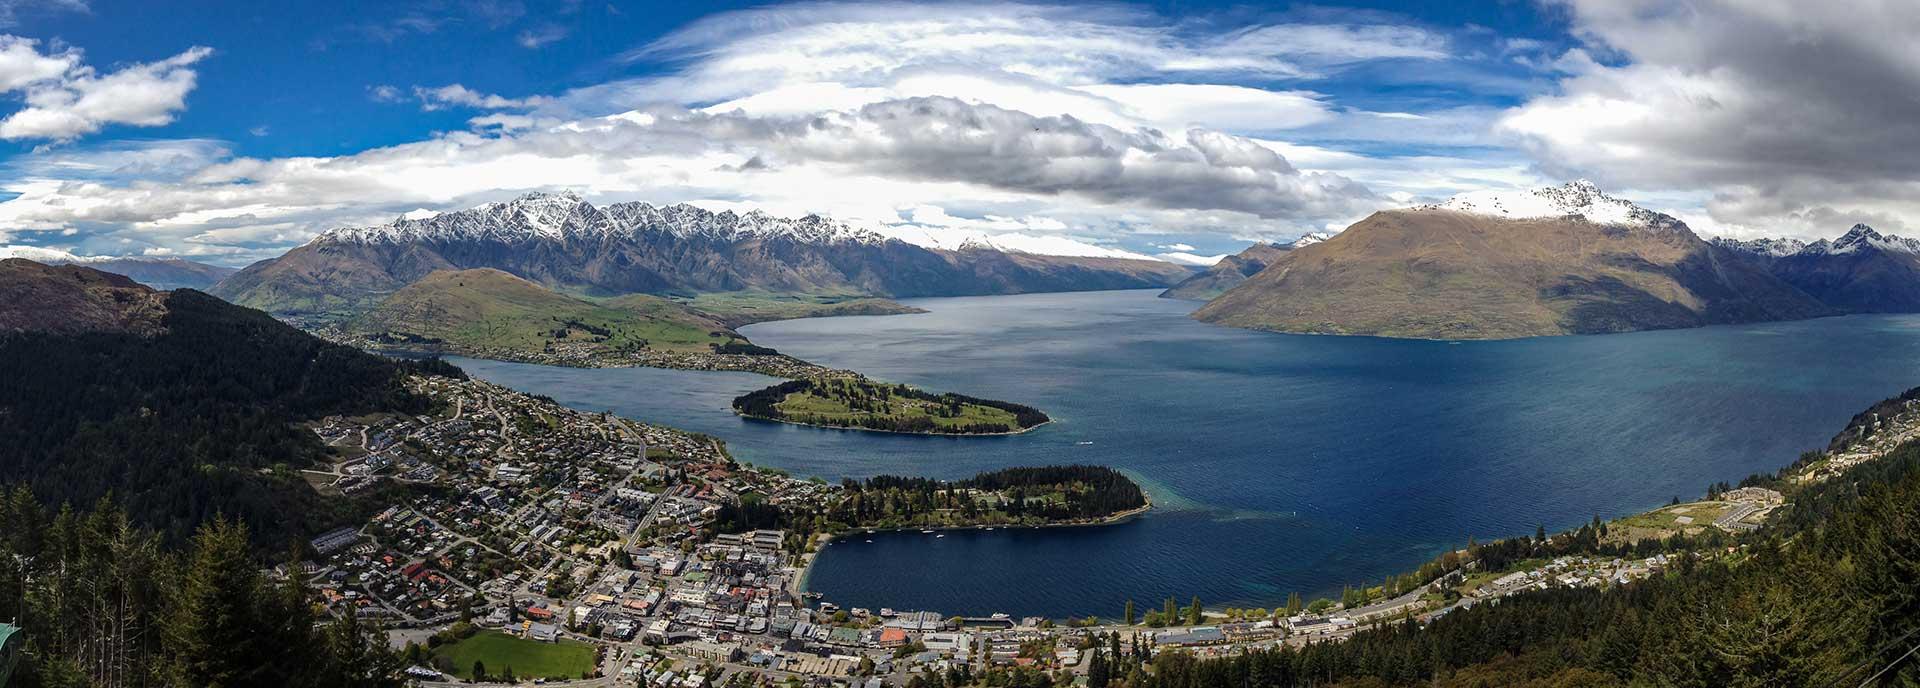 Pacotes de viagens Nova Zelândia